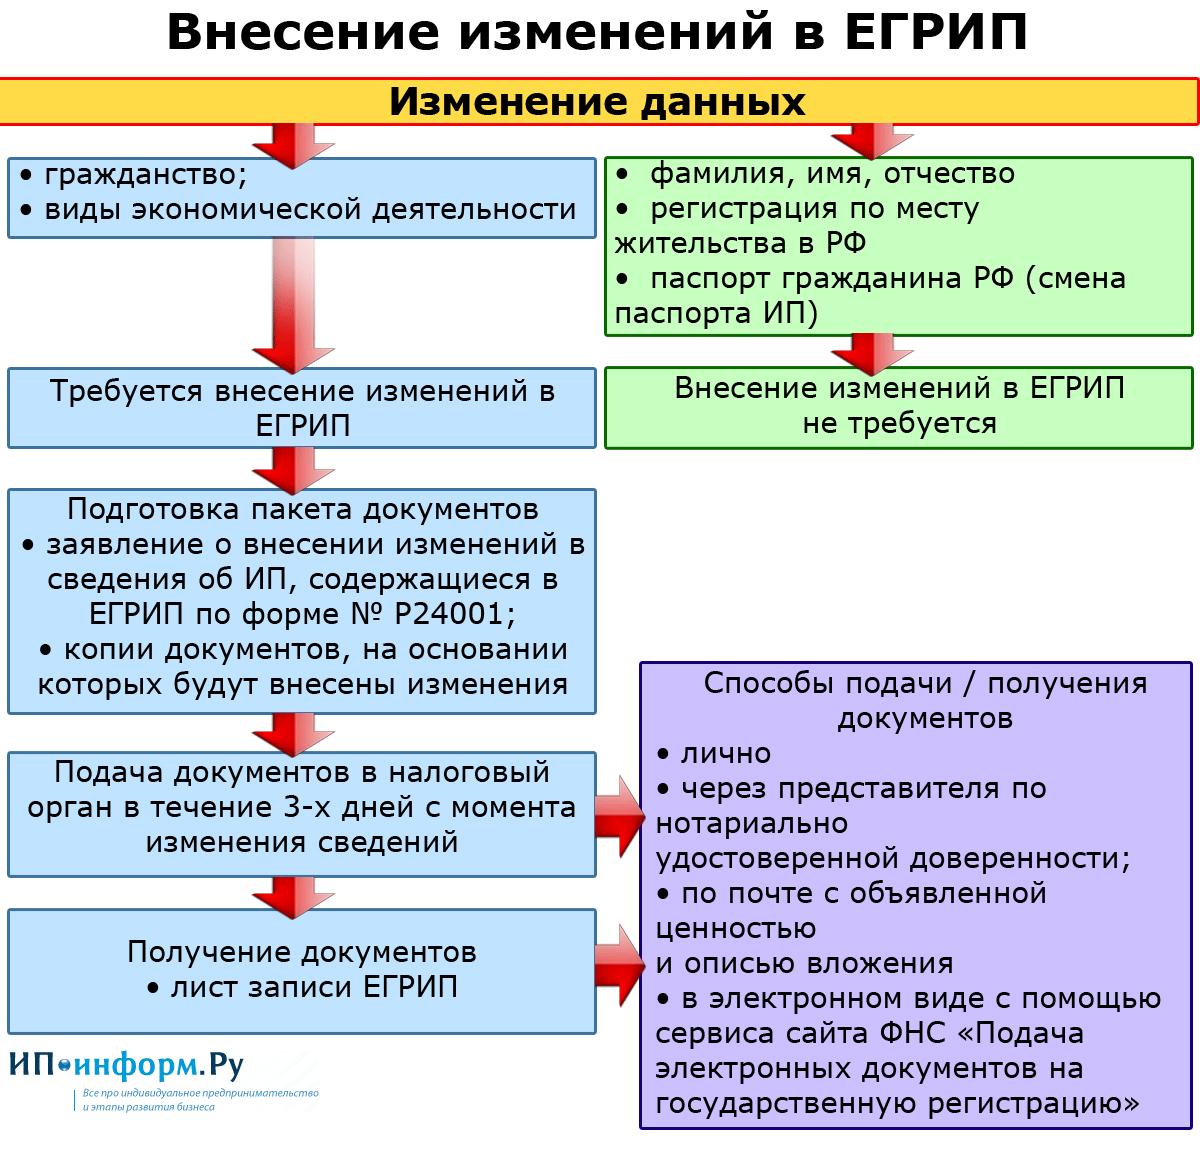 Внесение изменений в ЕГРИП